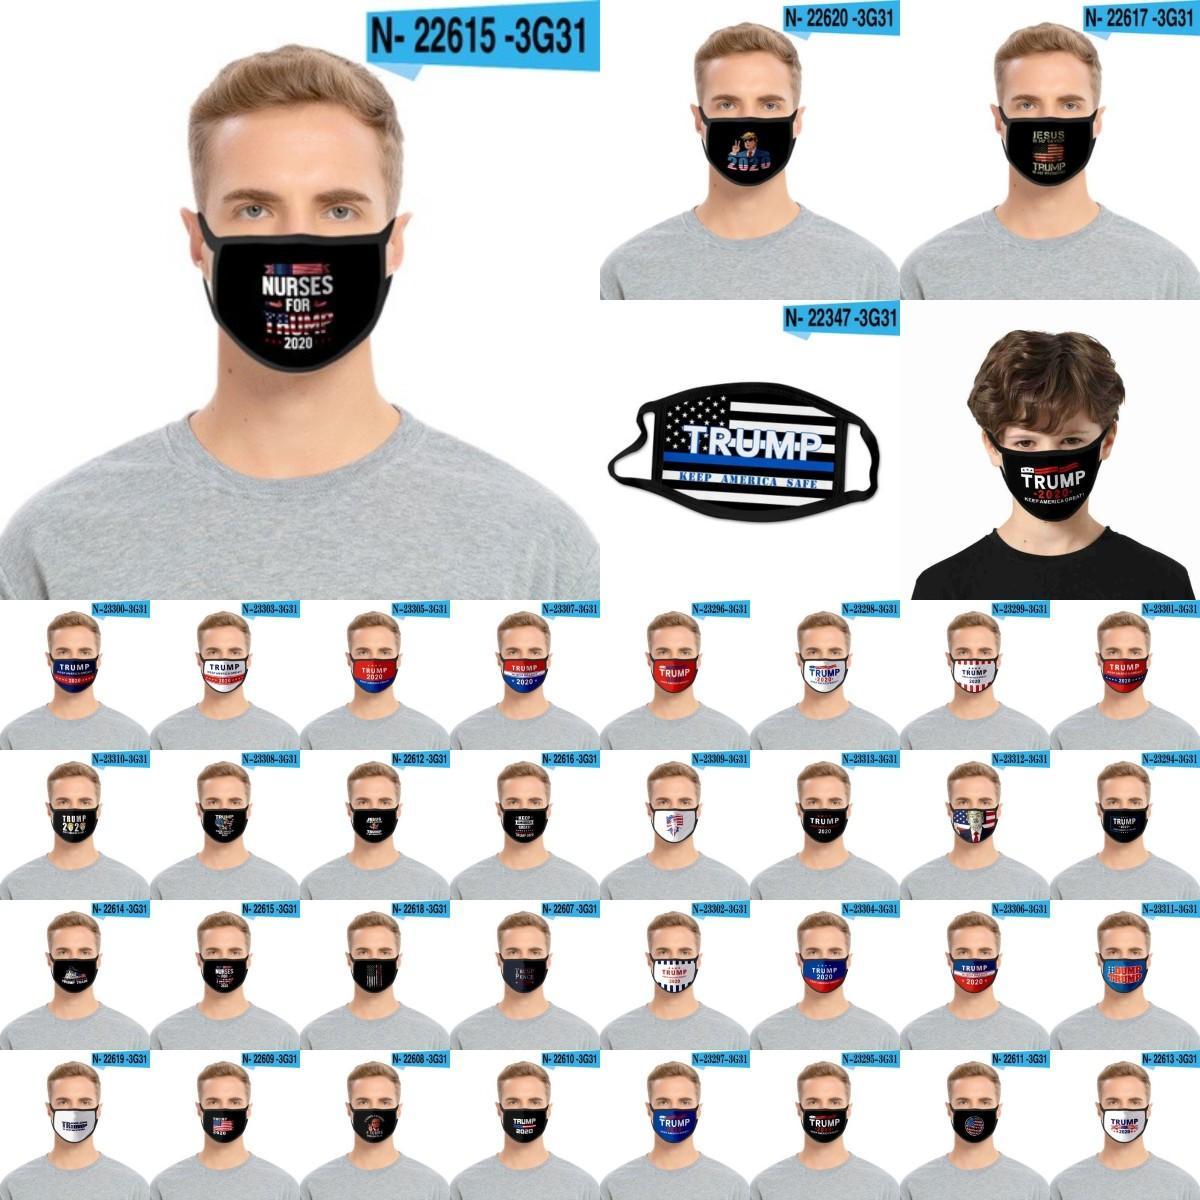 Yetişkin Çocuklar için Moda Trump Yüz Maskeleri Amerika Büyük Yıkanabilir Yeniden kullanılabilir Ağız ABD Başkanı Seçim Trump 2020 Maske CYZ2660 Maske tutun